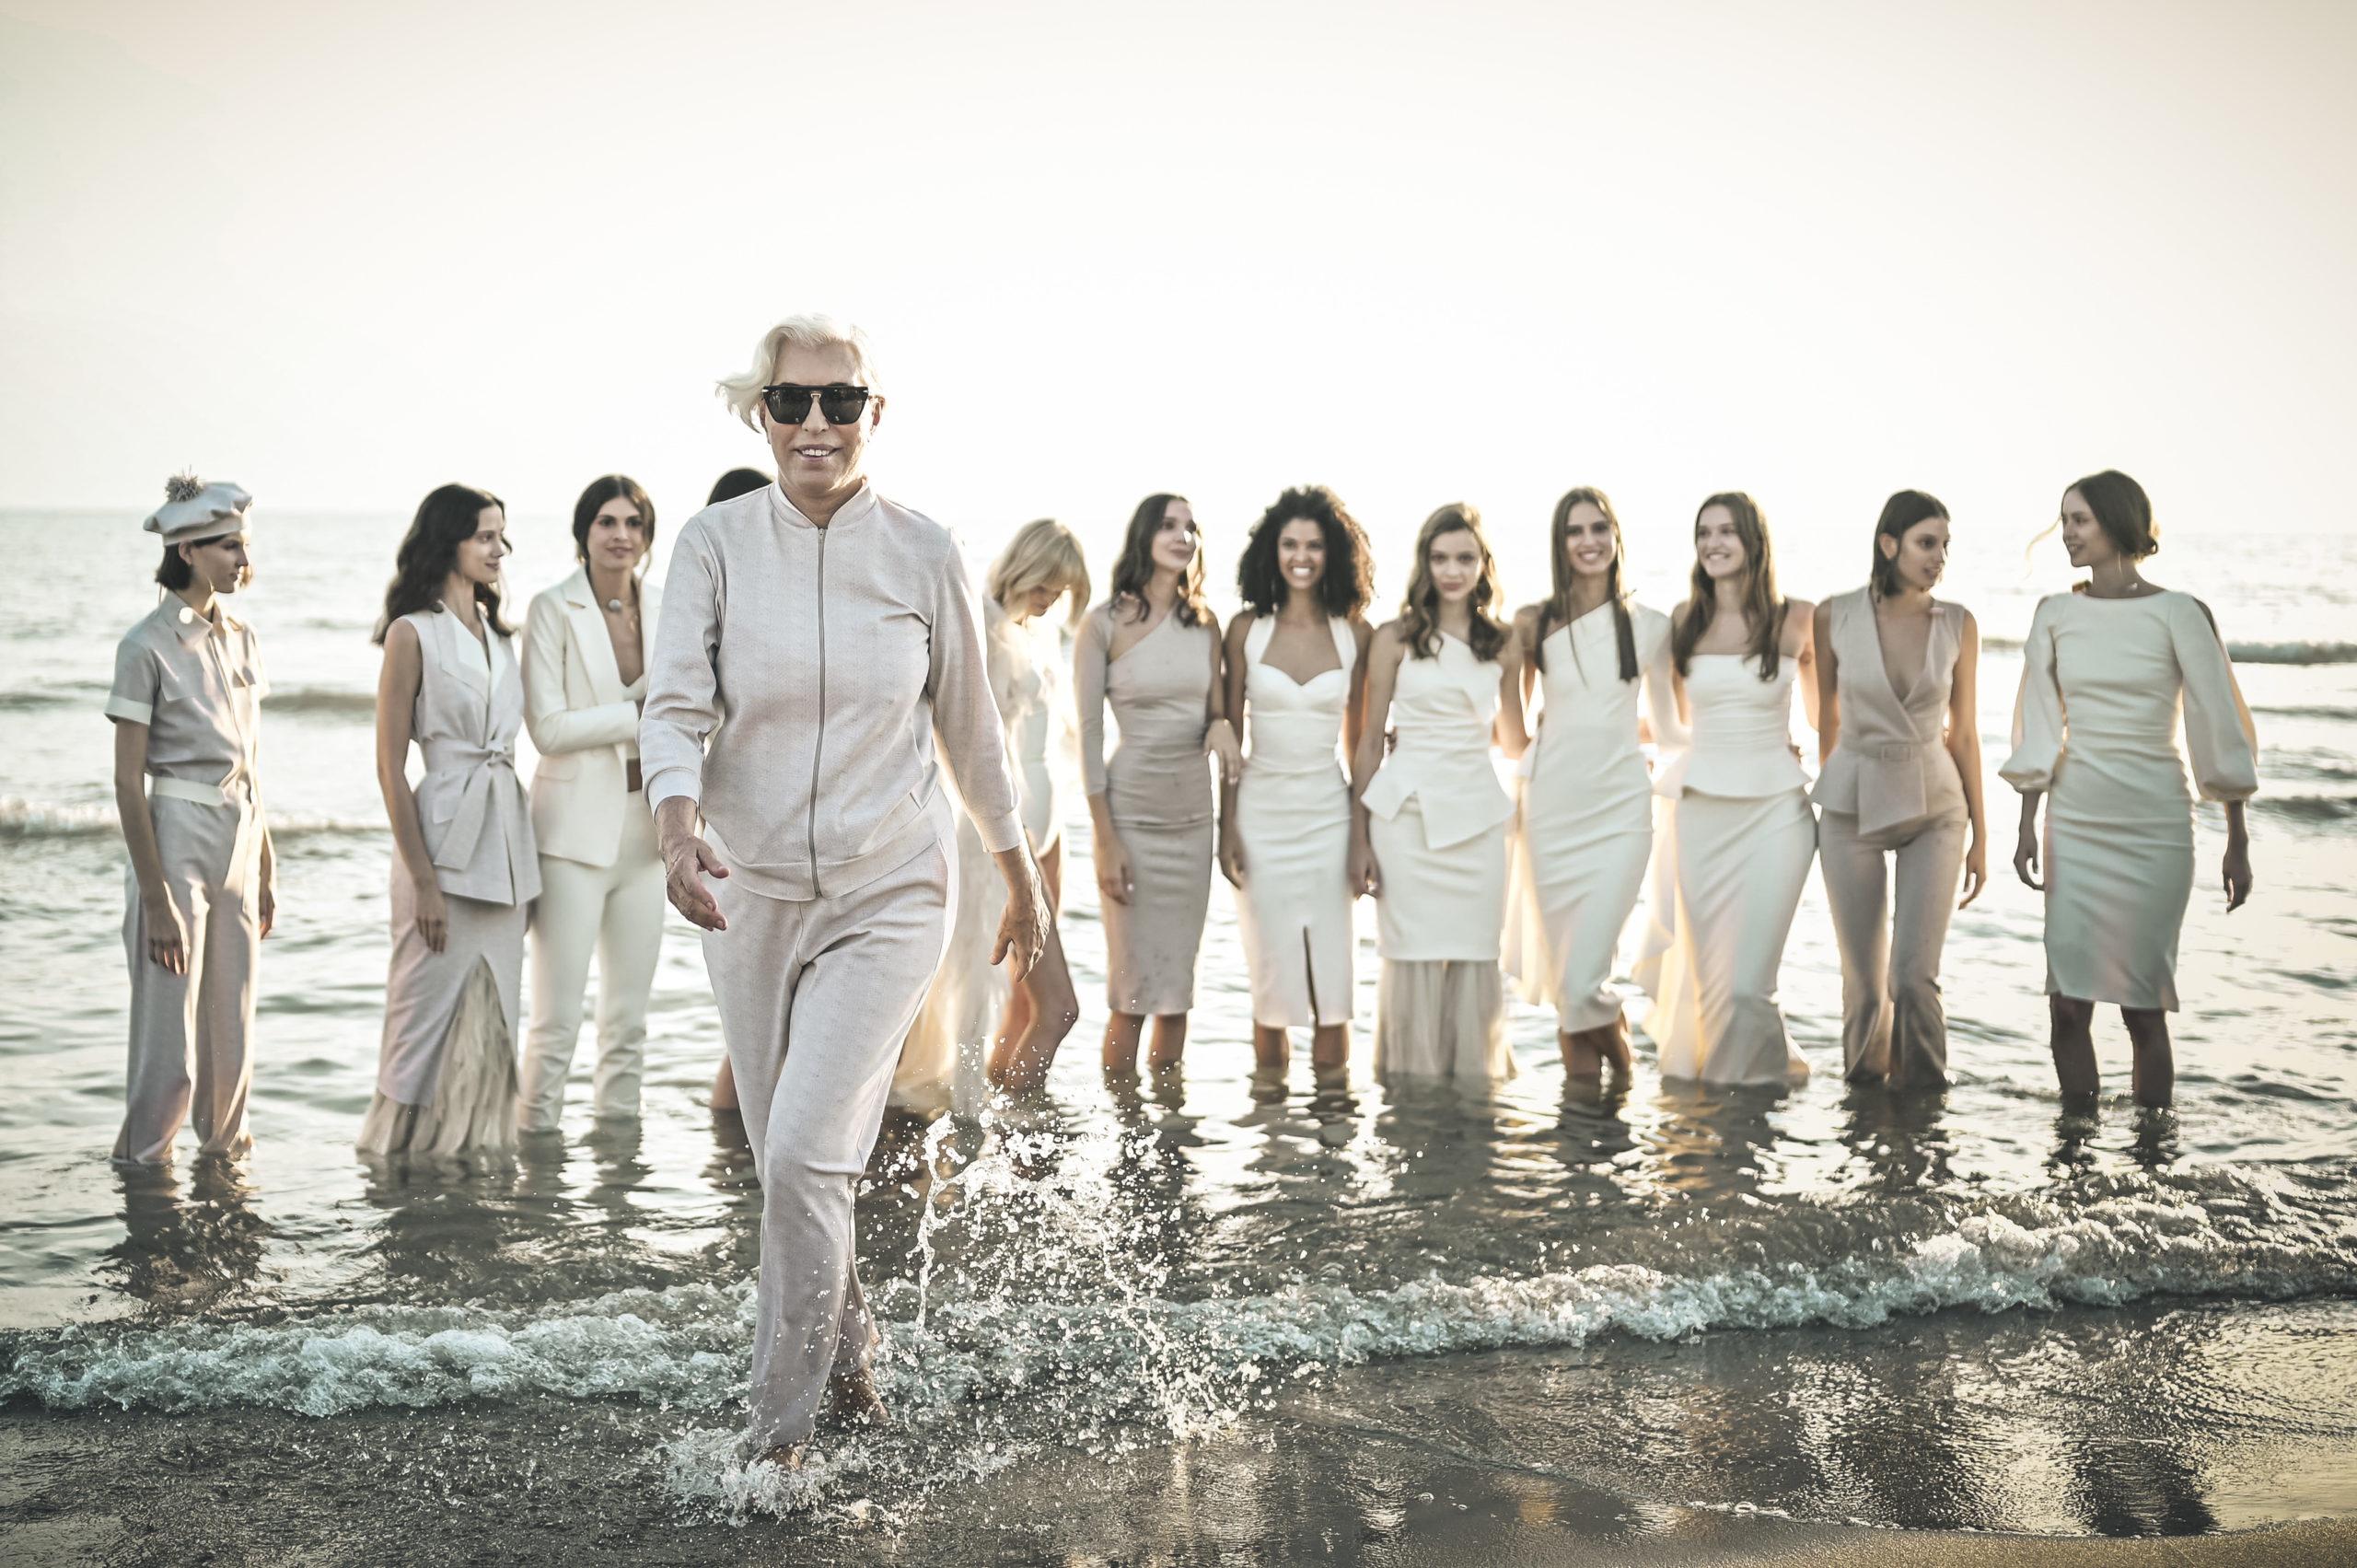 Chiara Boni La petite robe: spring/summer 2021